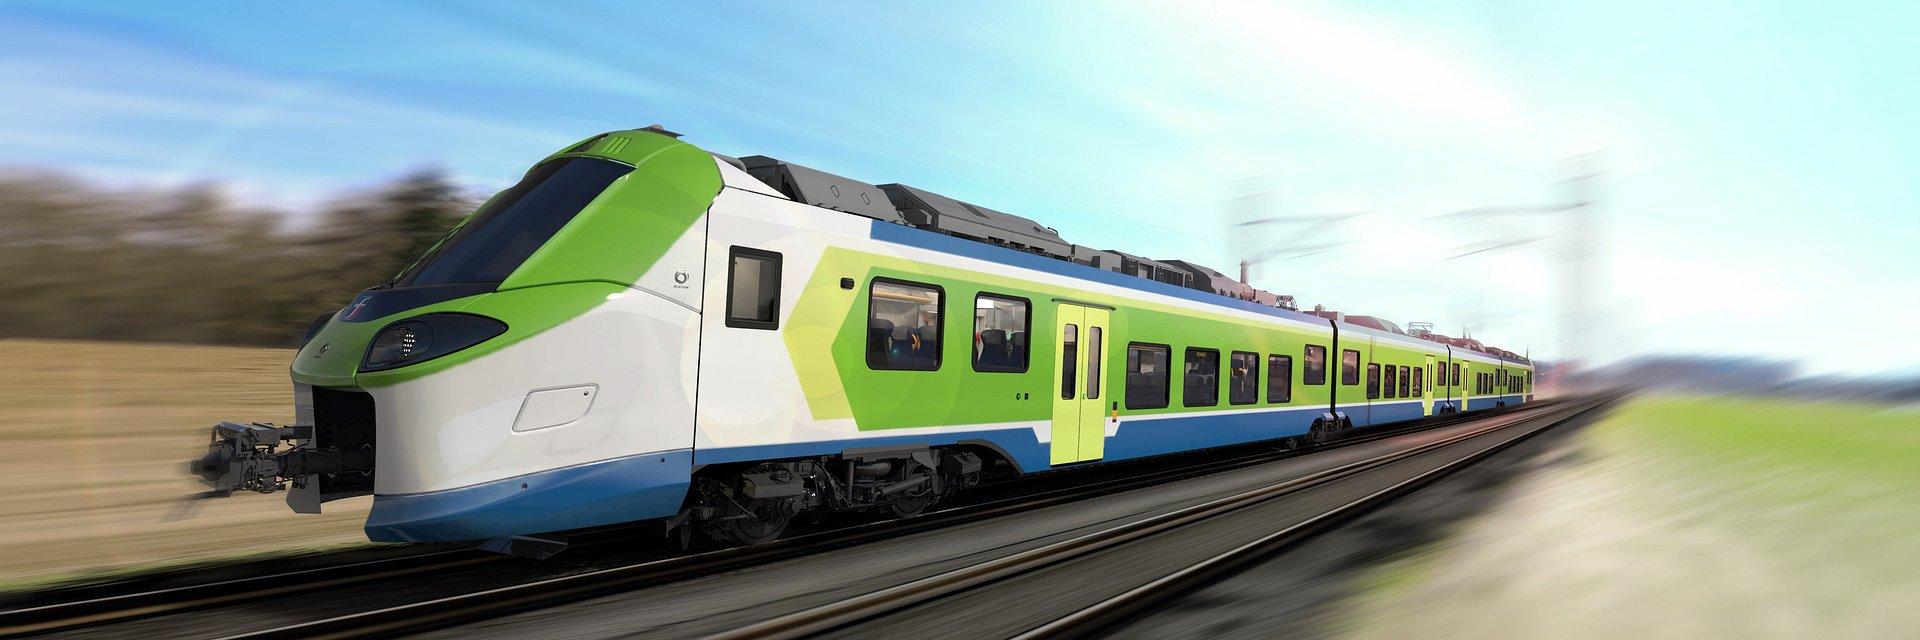 Alstom dostarczy 31 pociągów regionalnych do Lombardii